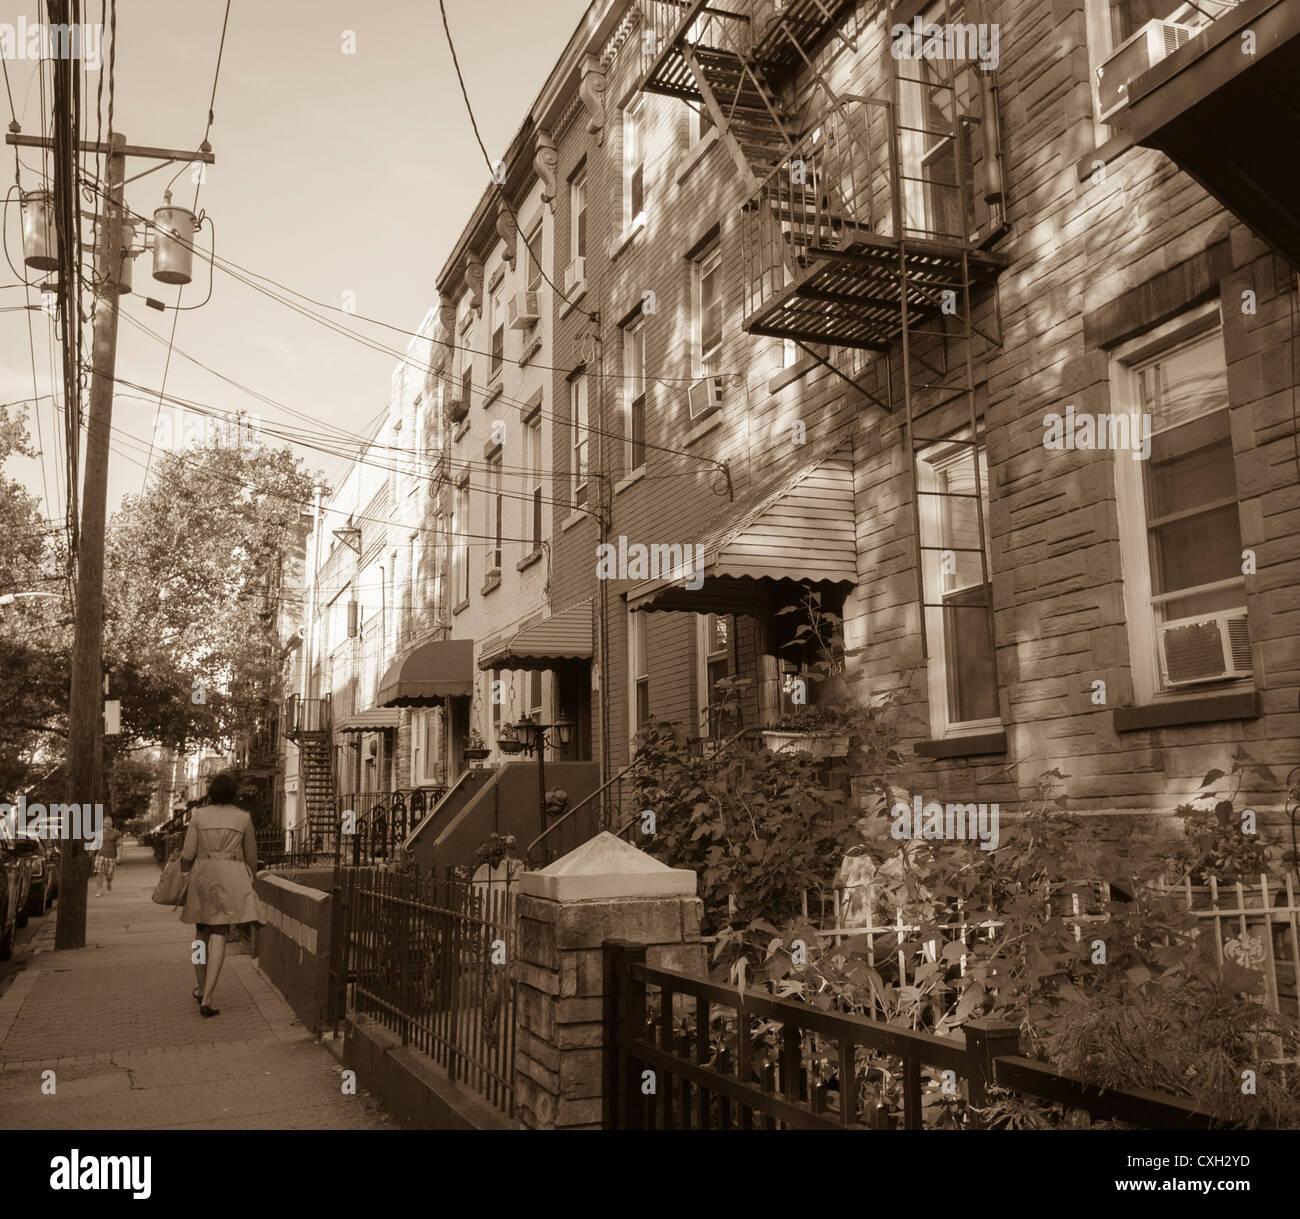 Hoboken, NJ, EE.UU., escenas callejeras, 'hilera de casas adosadas, (B & W Filtro, VIntage Buscar Instagram) Imagen De Stock